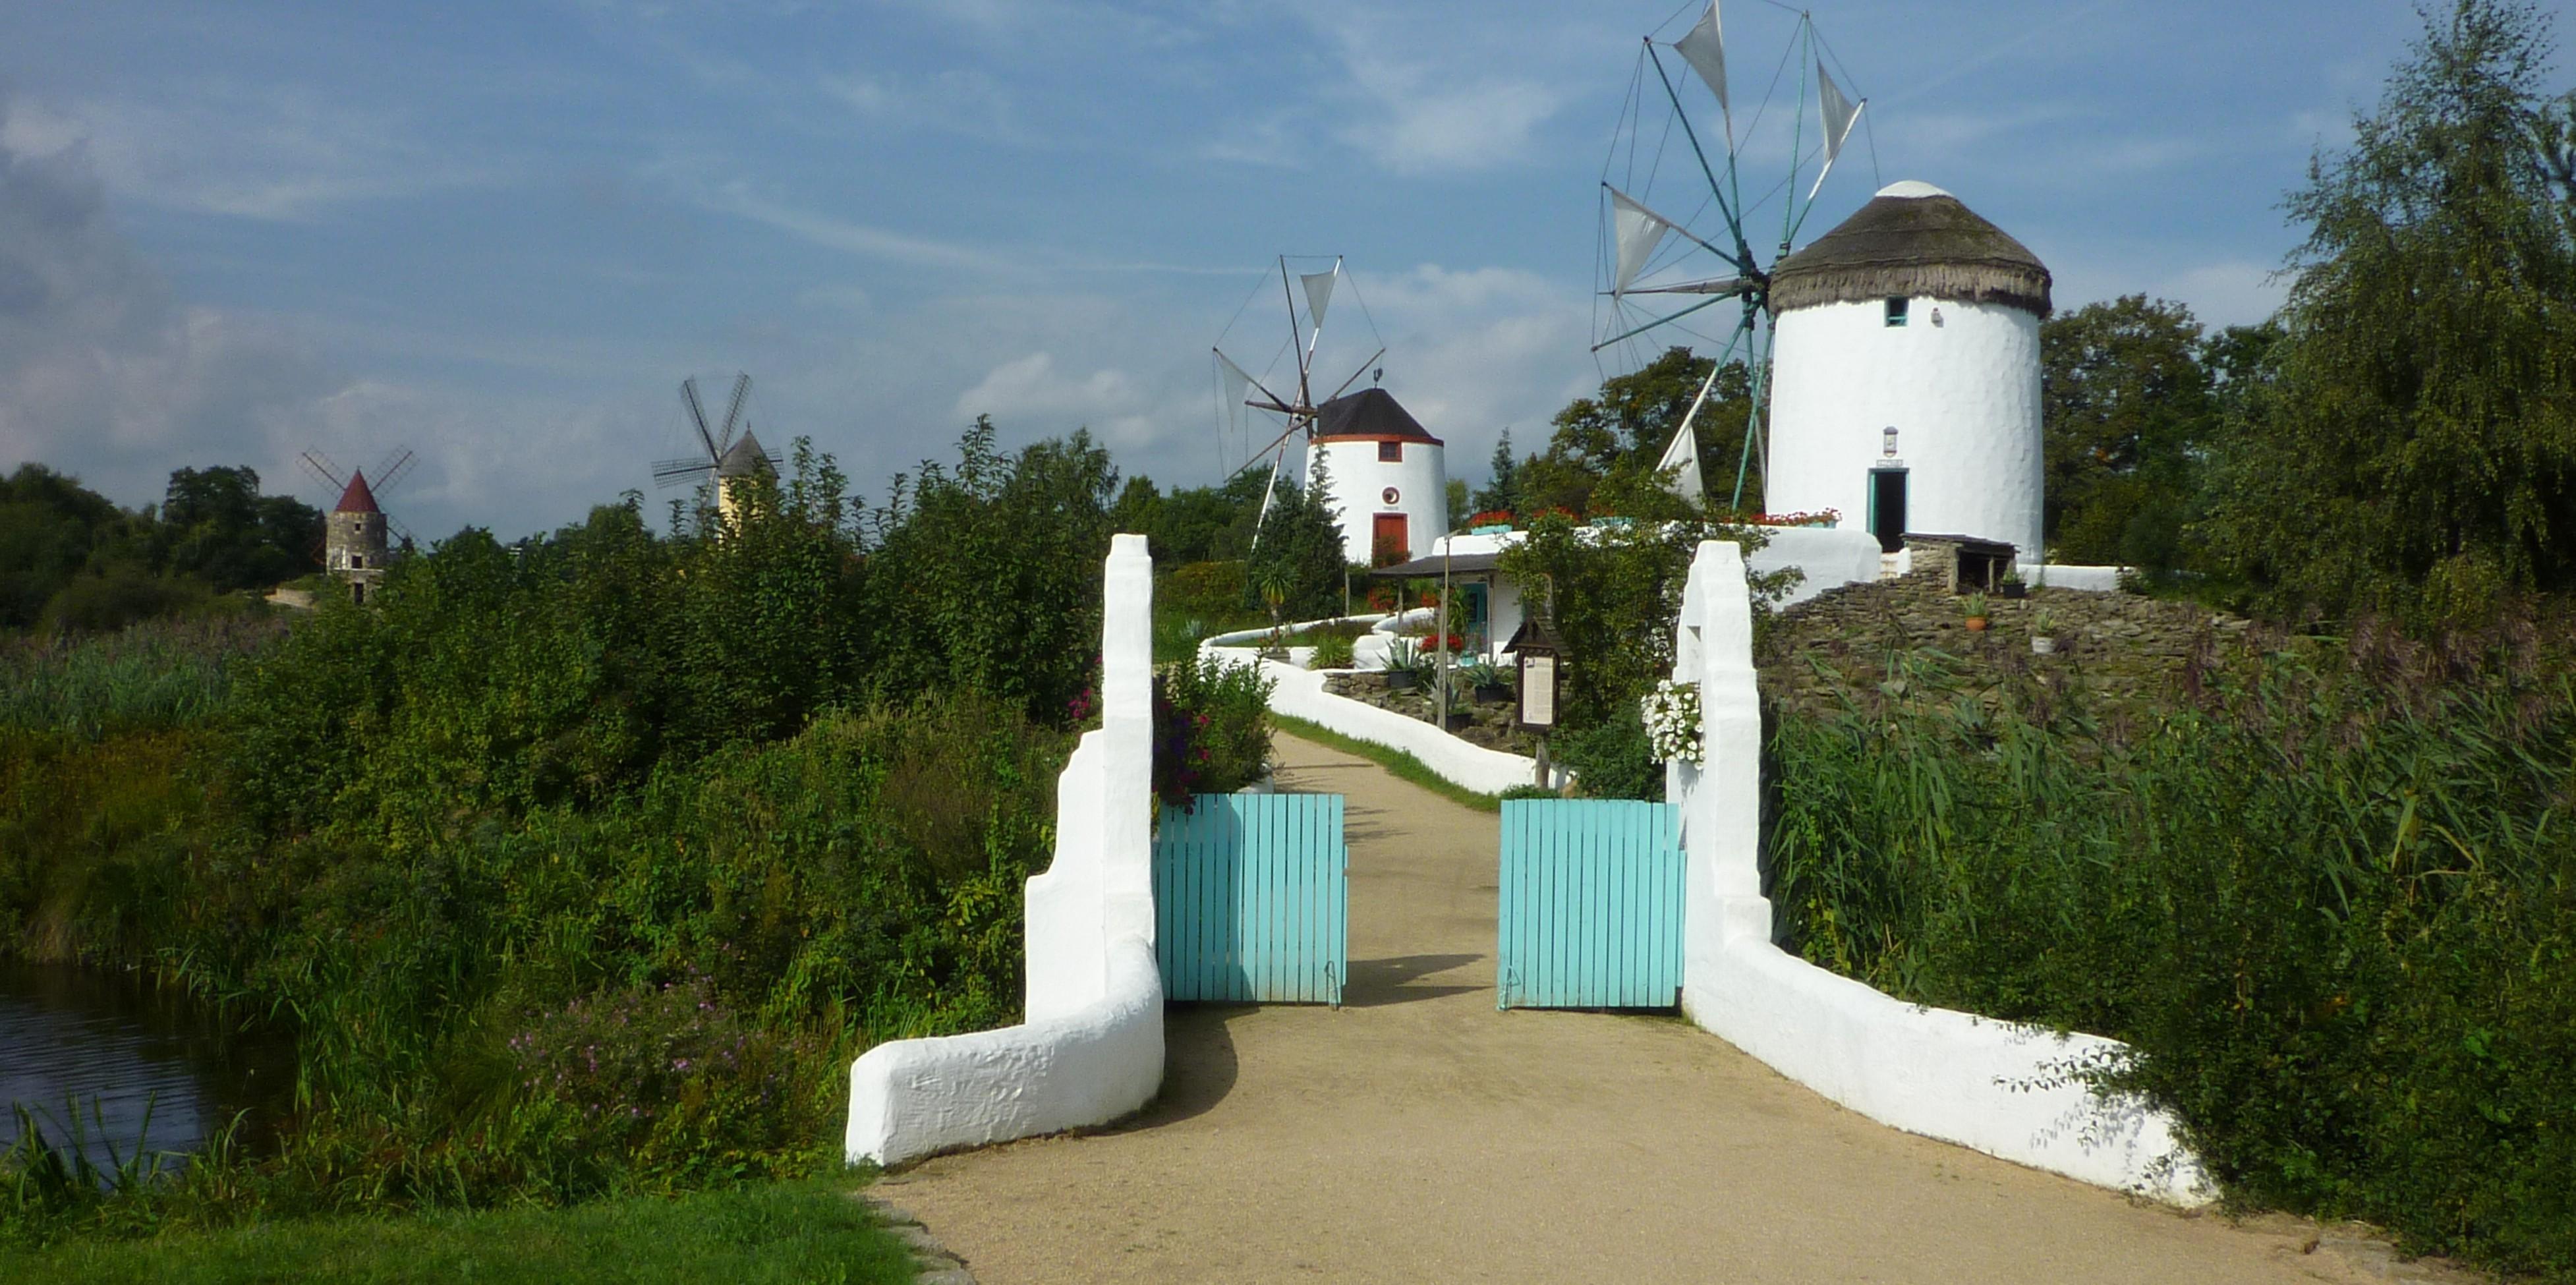 Музей в Гифхорне – это огромный парк площадью 16 гектар. Источник https://upload.wikimedia.org/